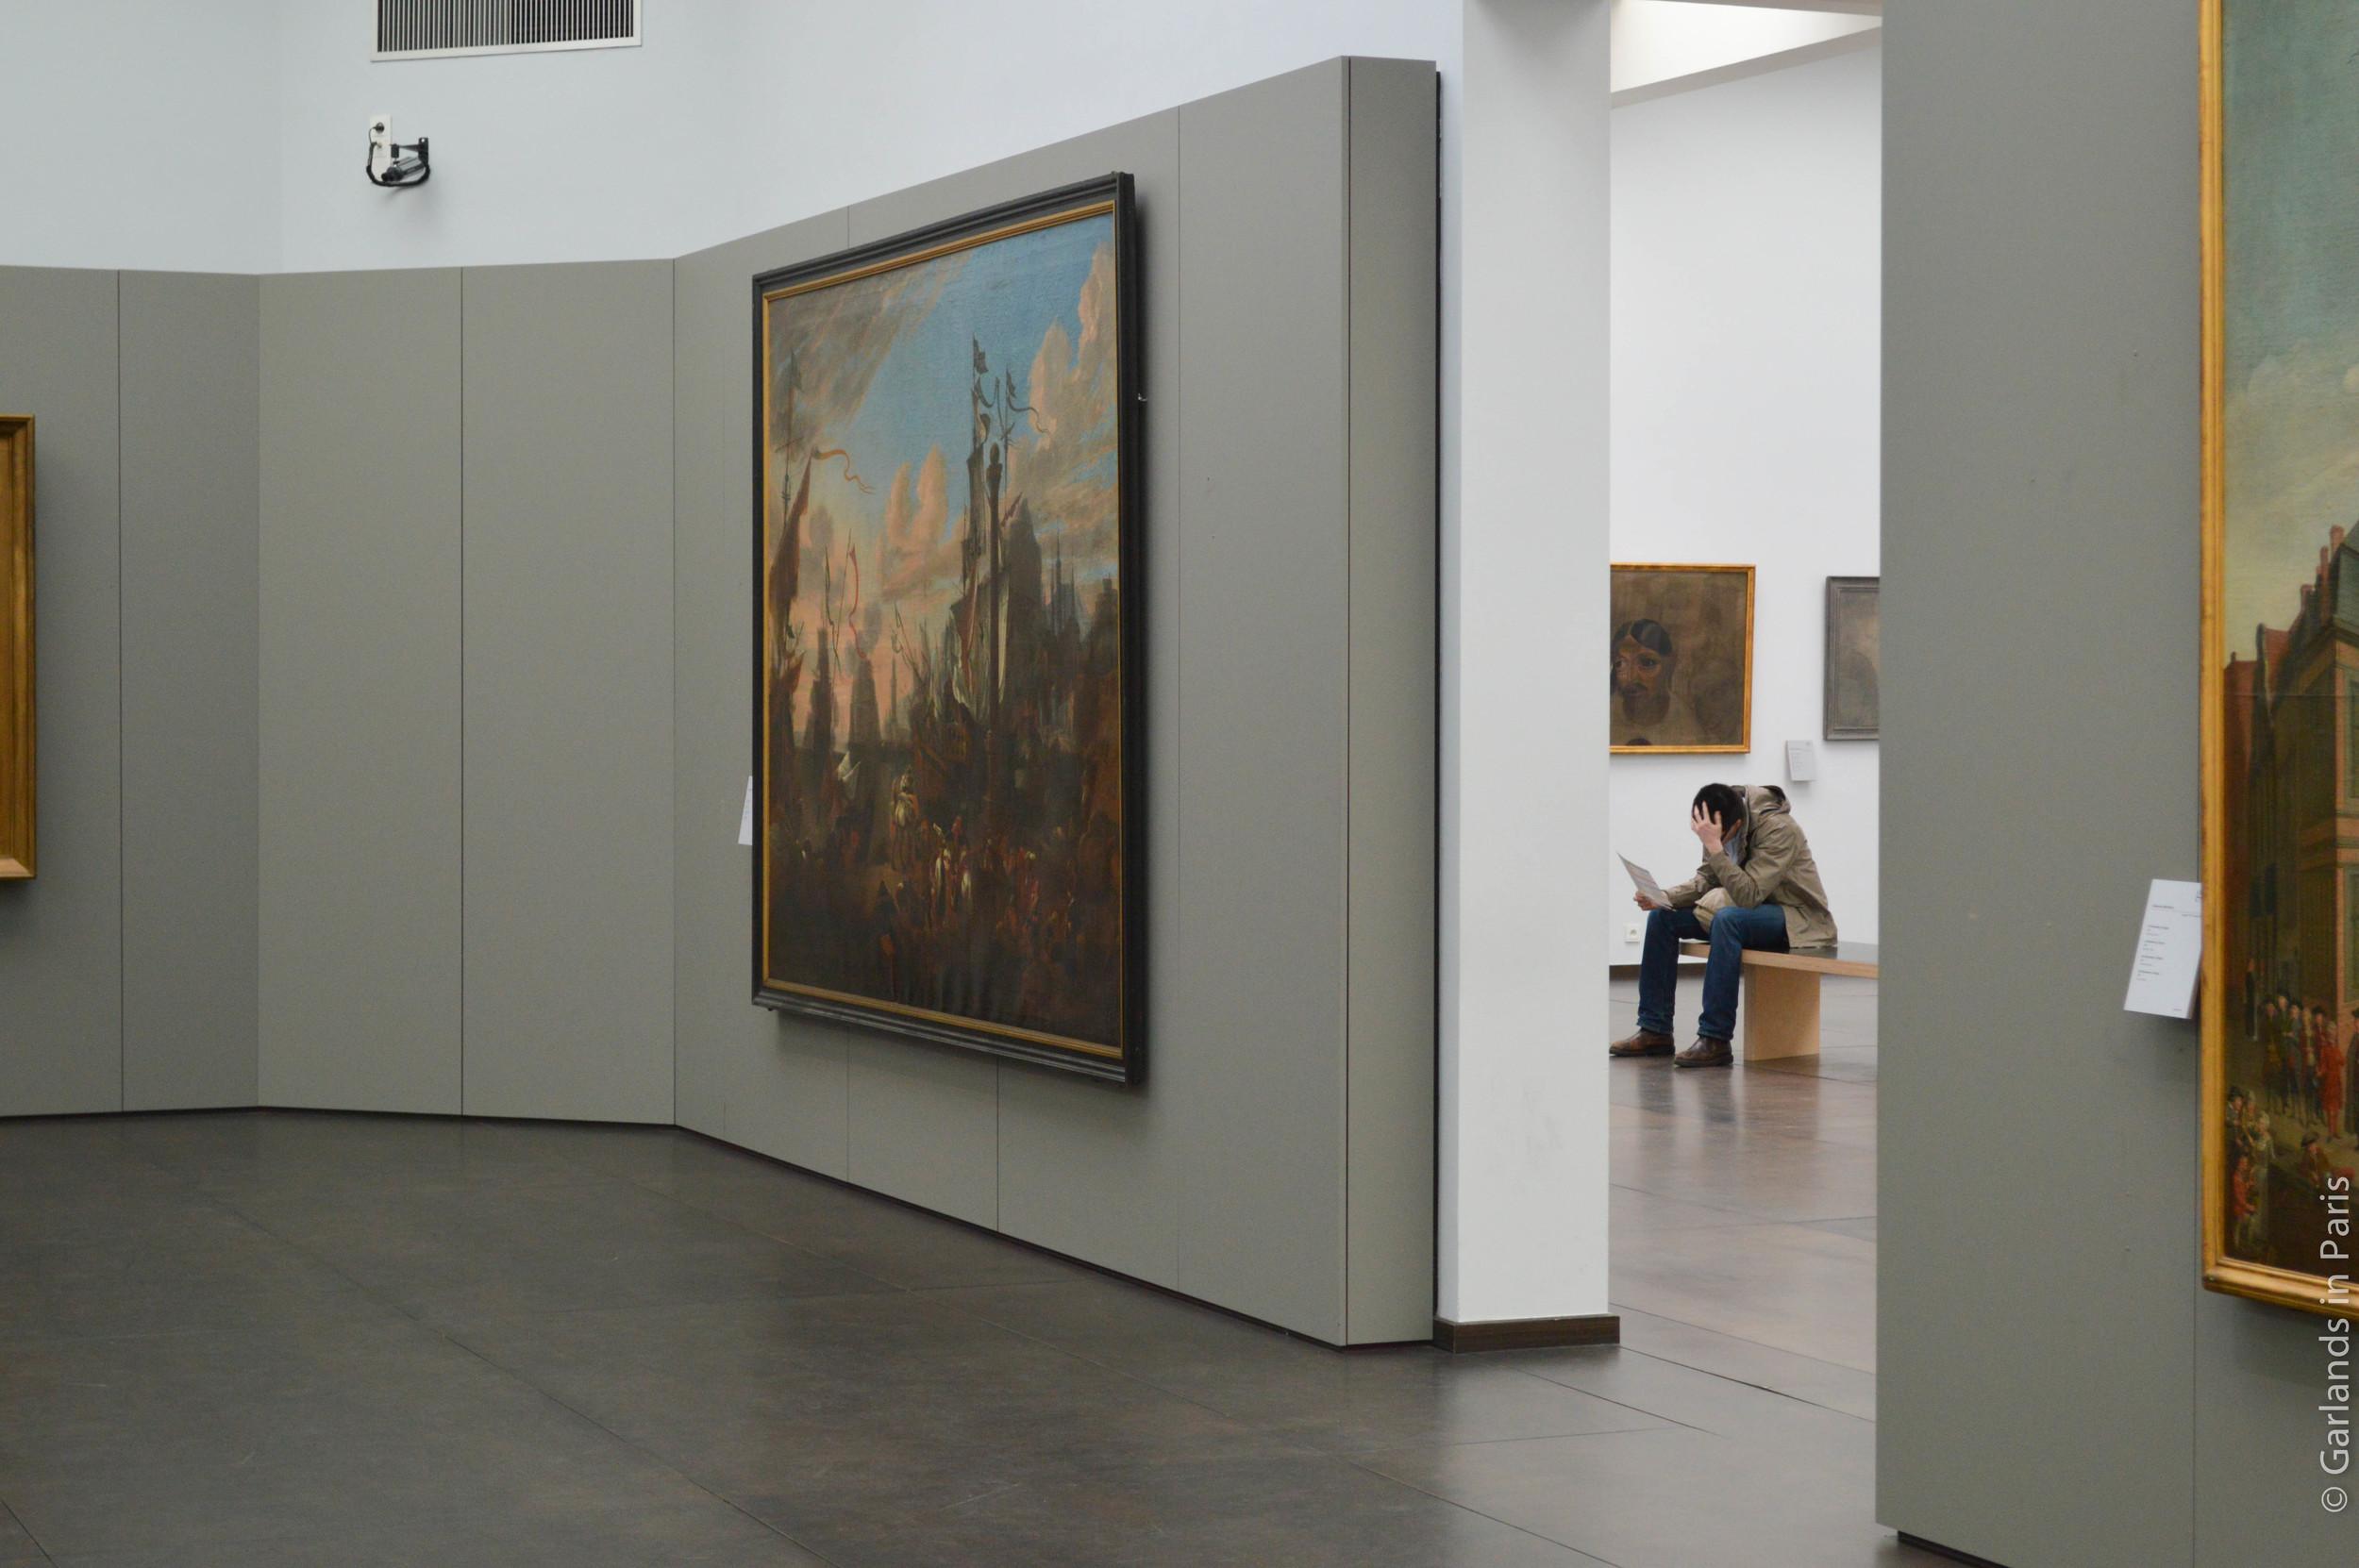 Bored, Groeningemuseum, Bruges, Belgium